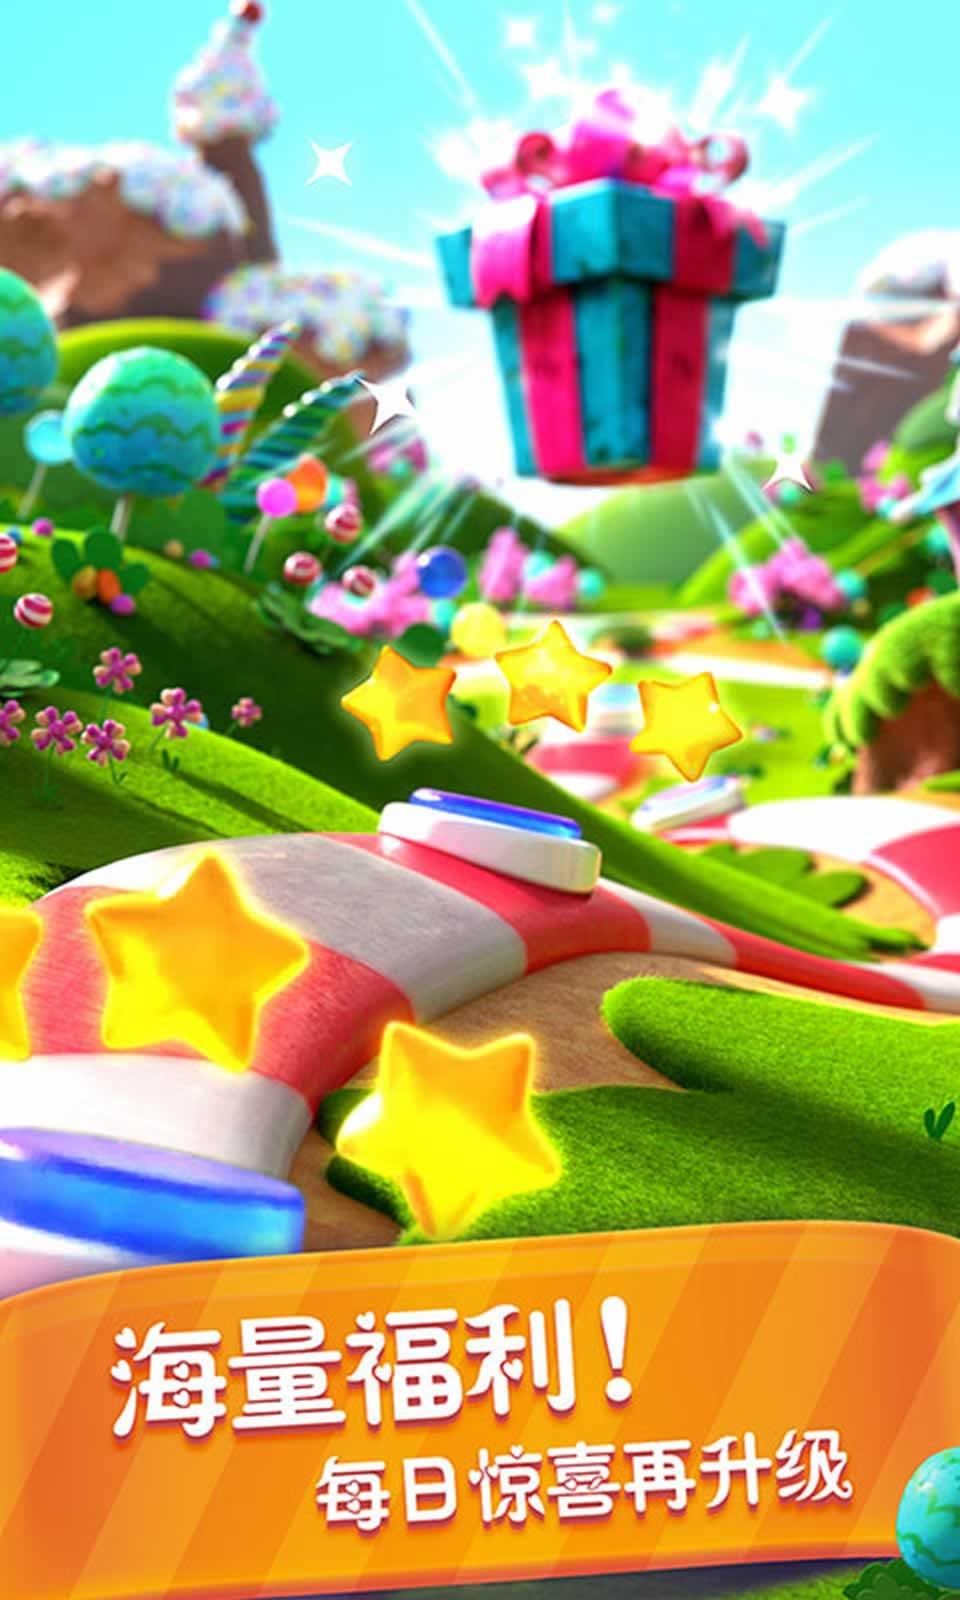 糖果缤纷乐